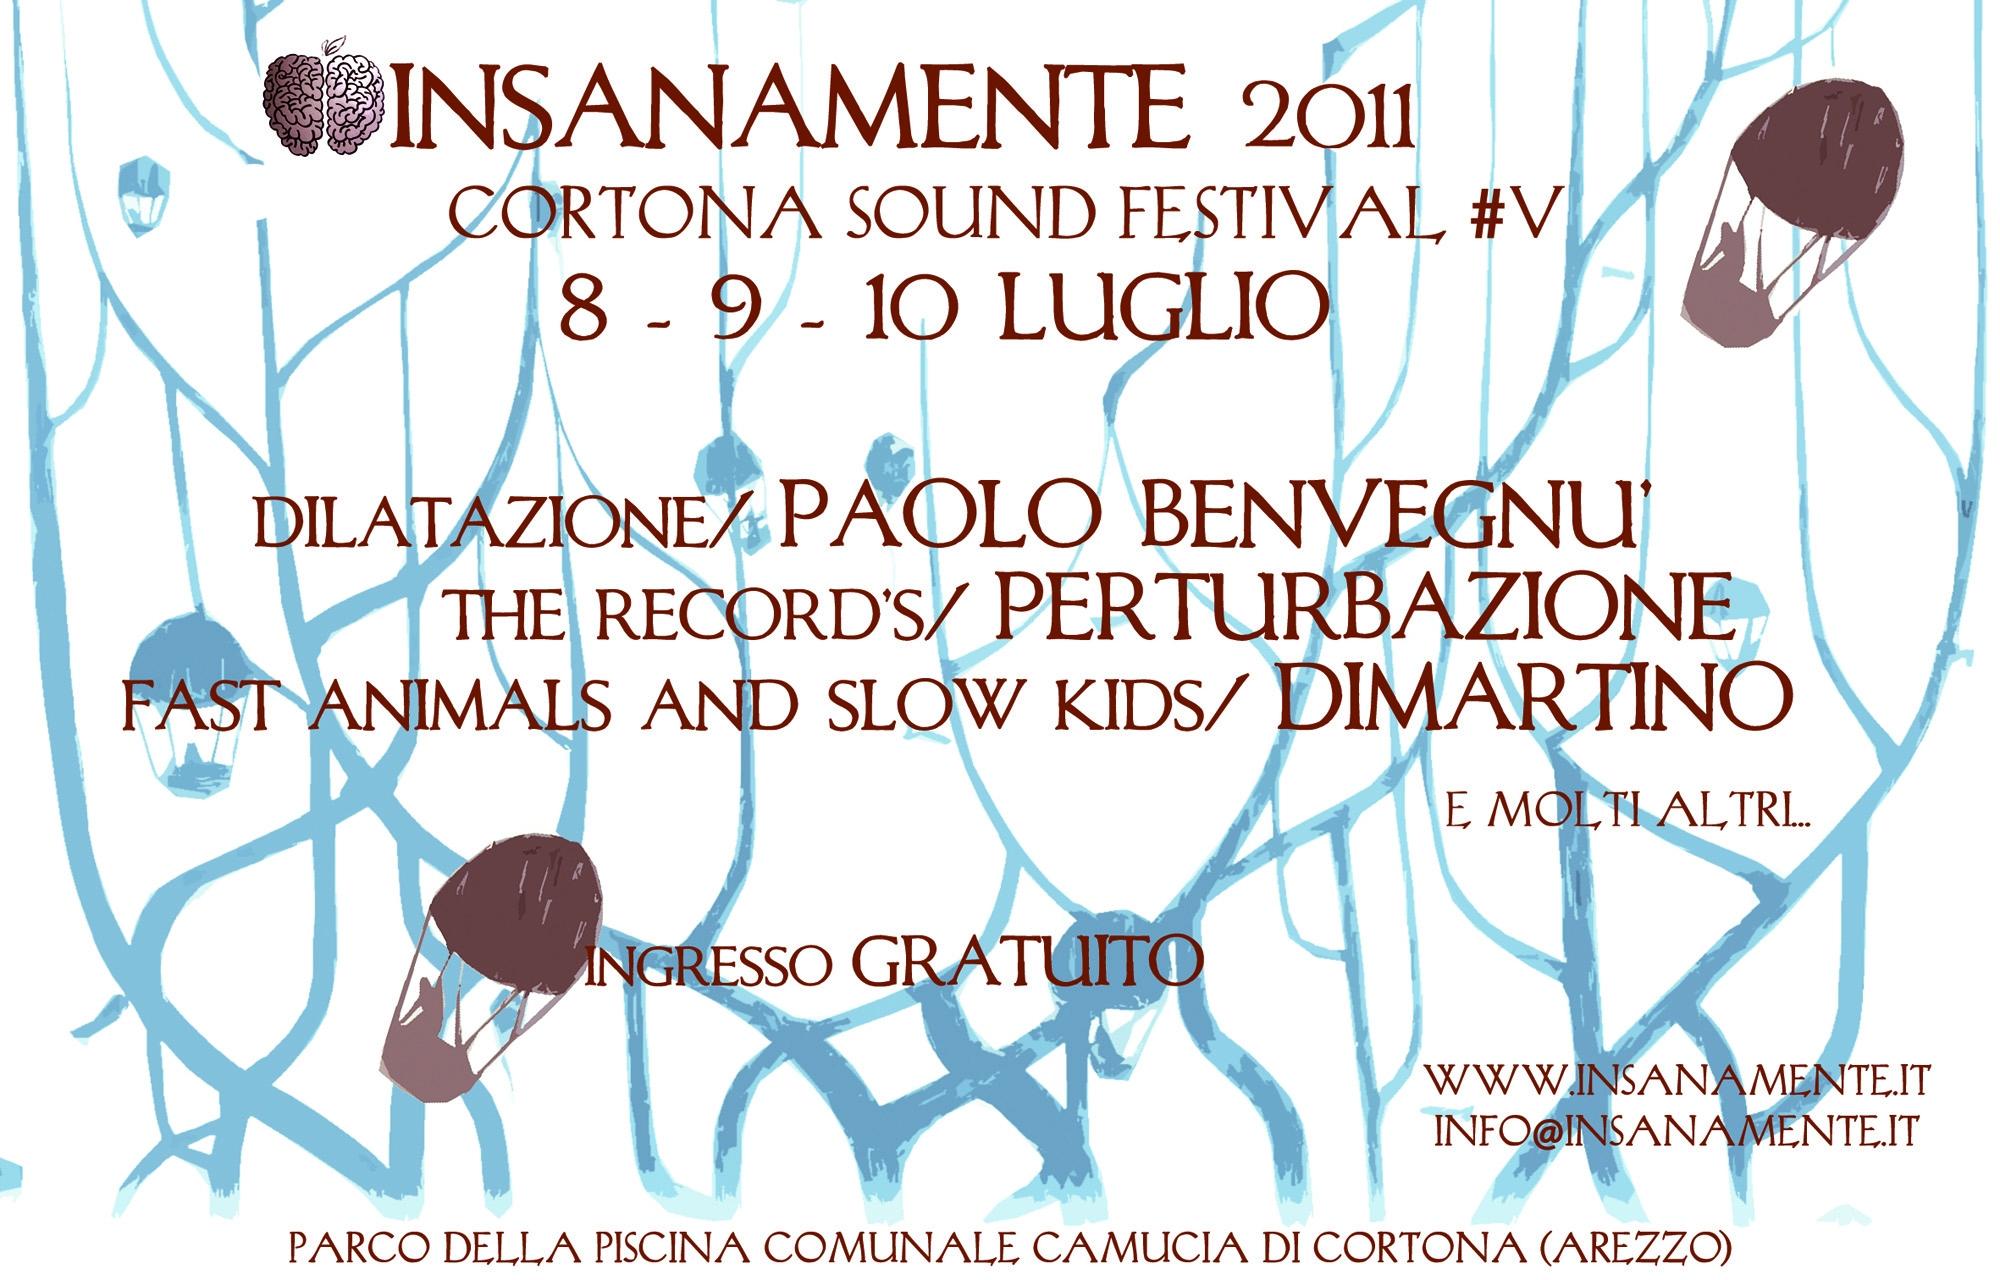 Insanamente Cortona Sound Festival 2011: con Paolo Benvegnù, Perturbazione e tanti altri